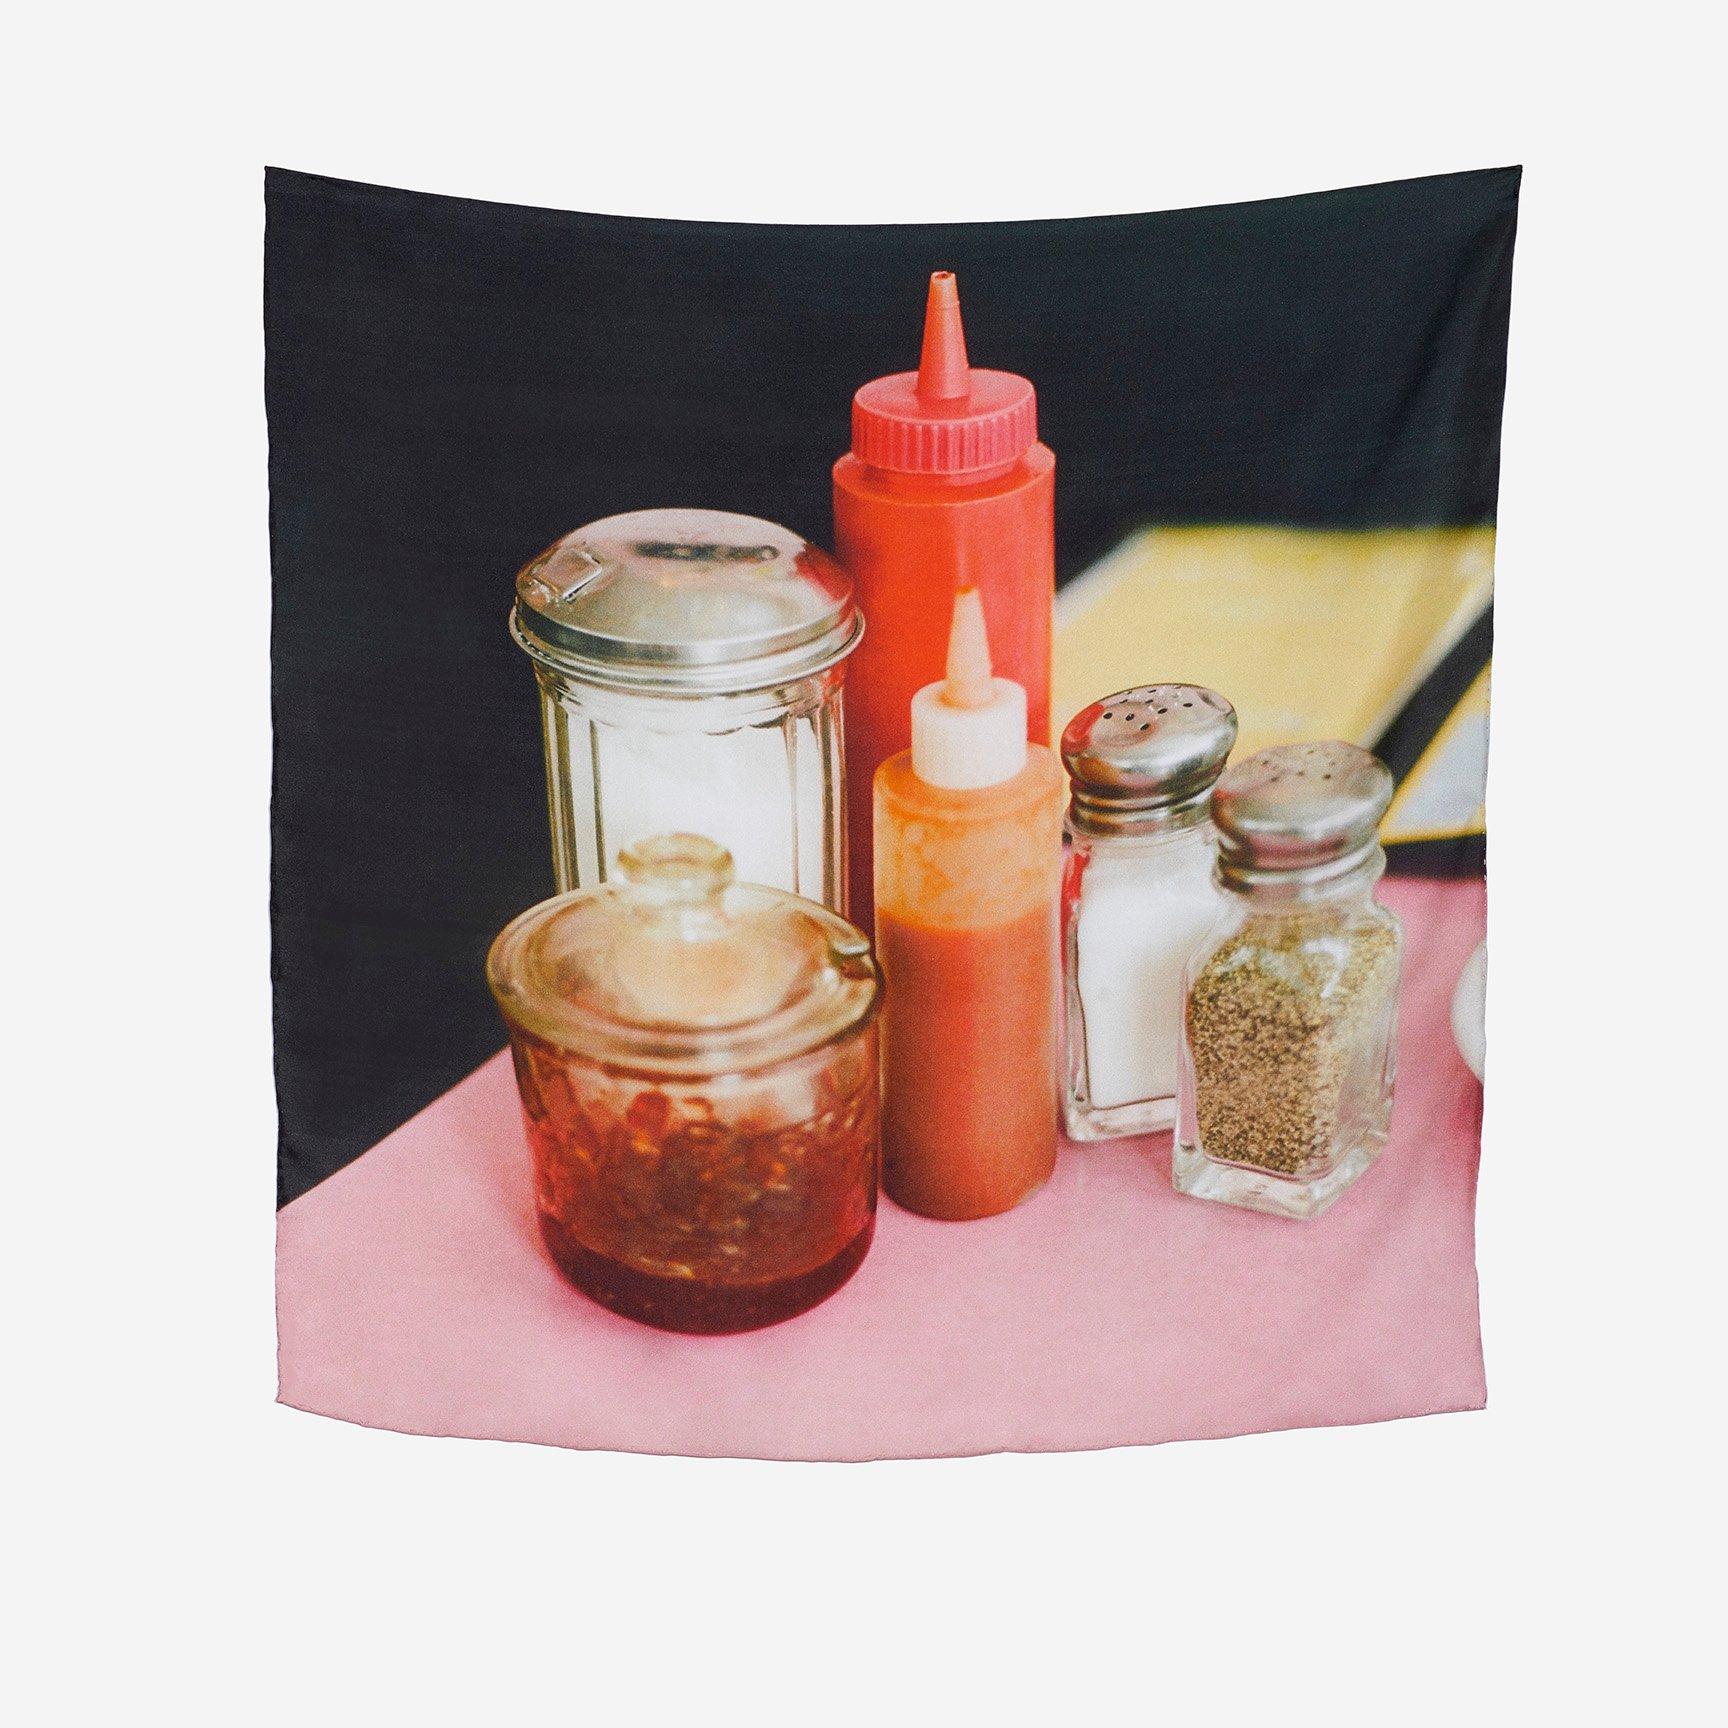 Image of Ketchup